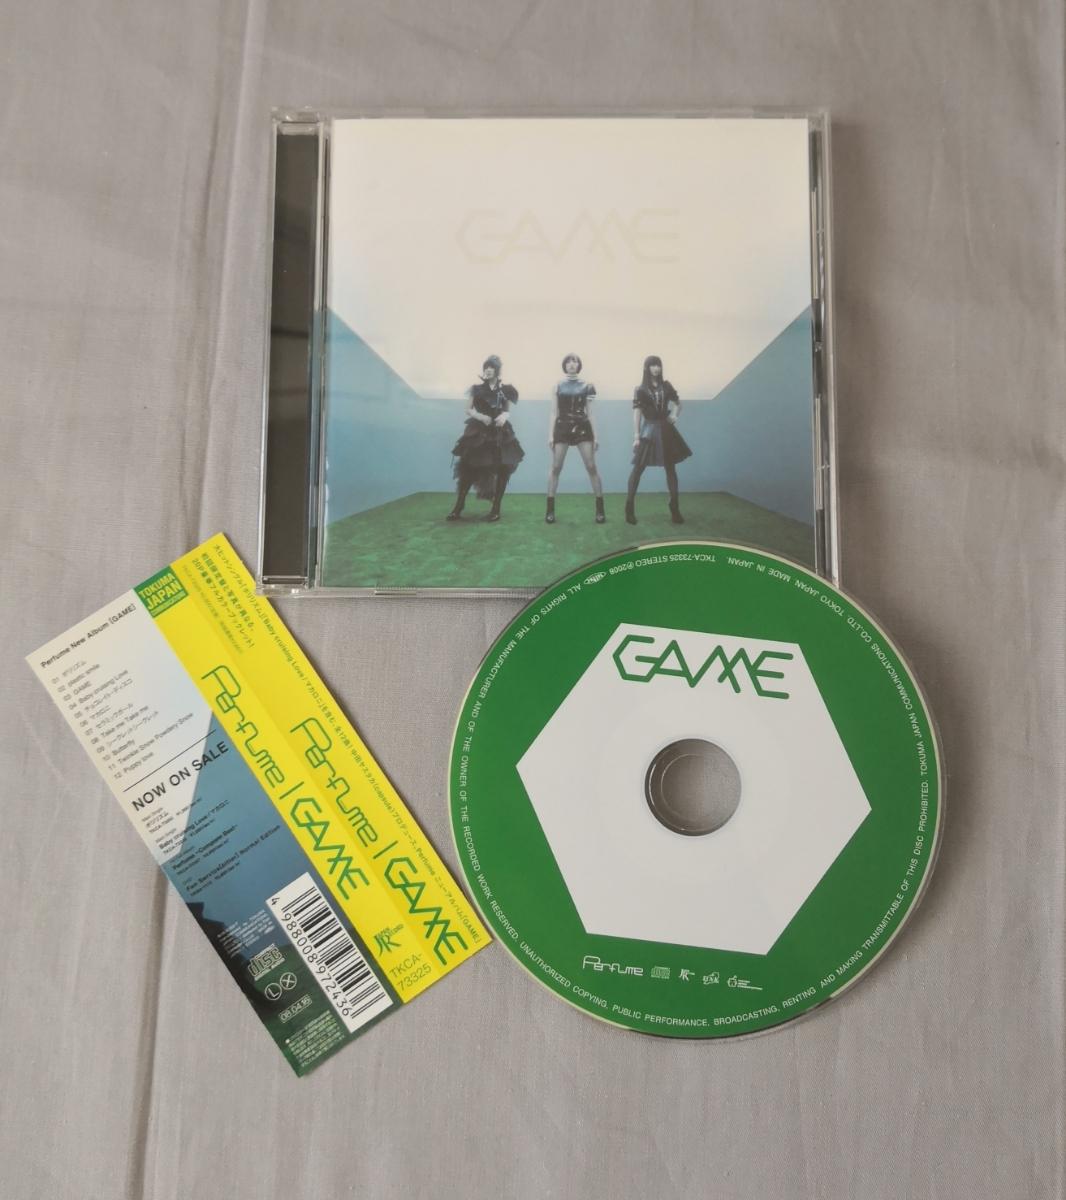 【Perfumeパフューム GAME 】☆2008年徳間ジャパン発売 中古CD☆ 100円スタート売り切り ☆当時ものです